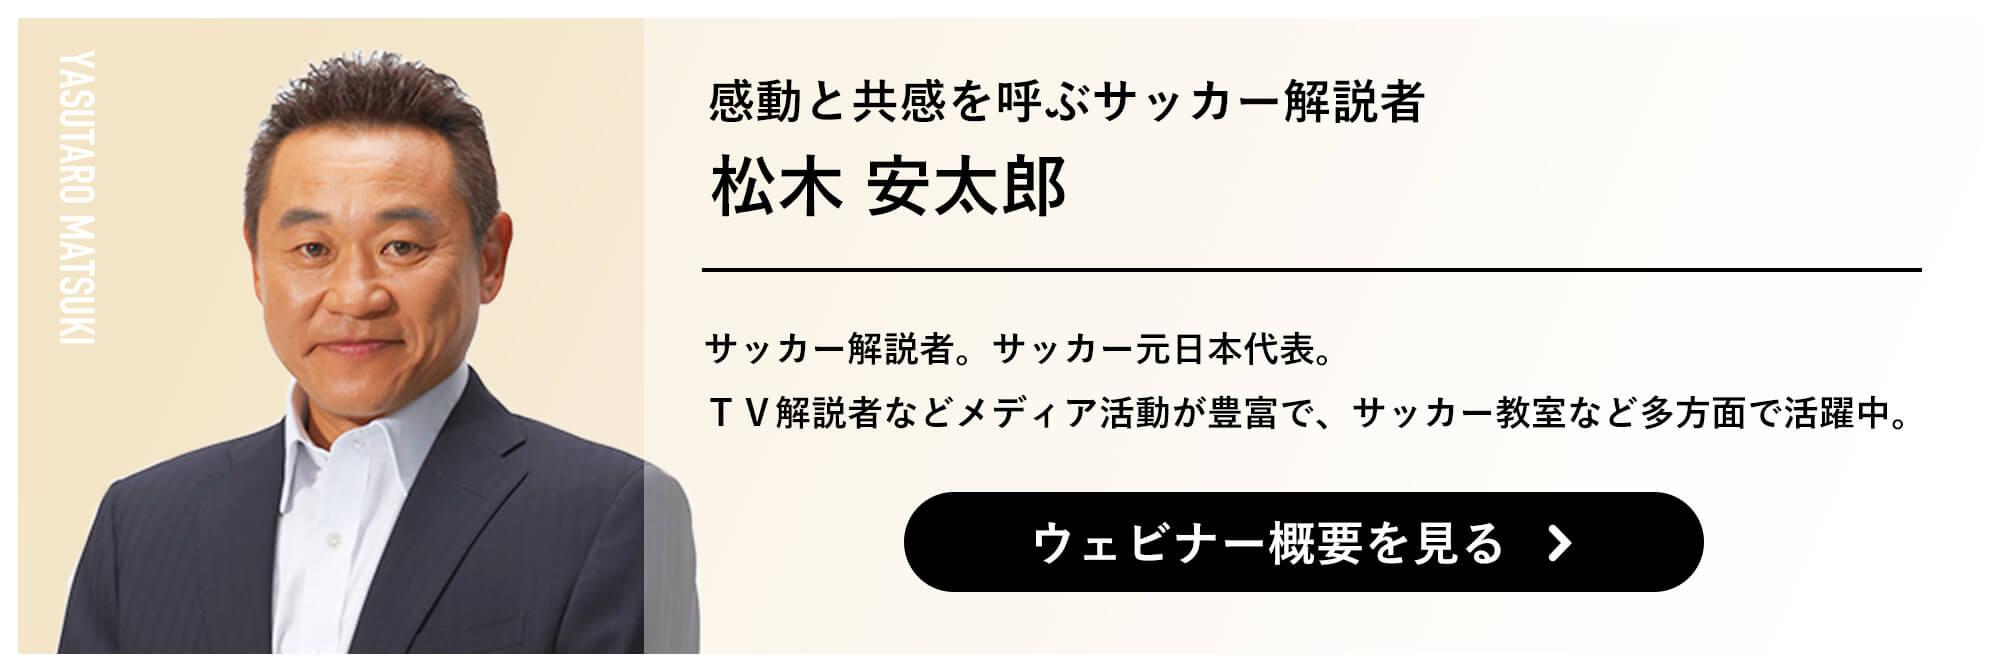 感動と共感を呼ぶサッカー解説者 松木安太郎